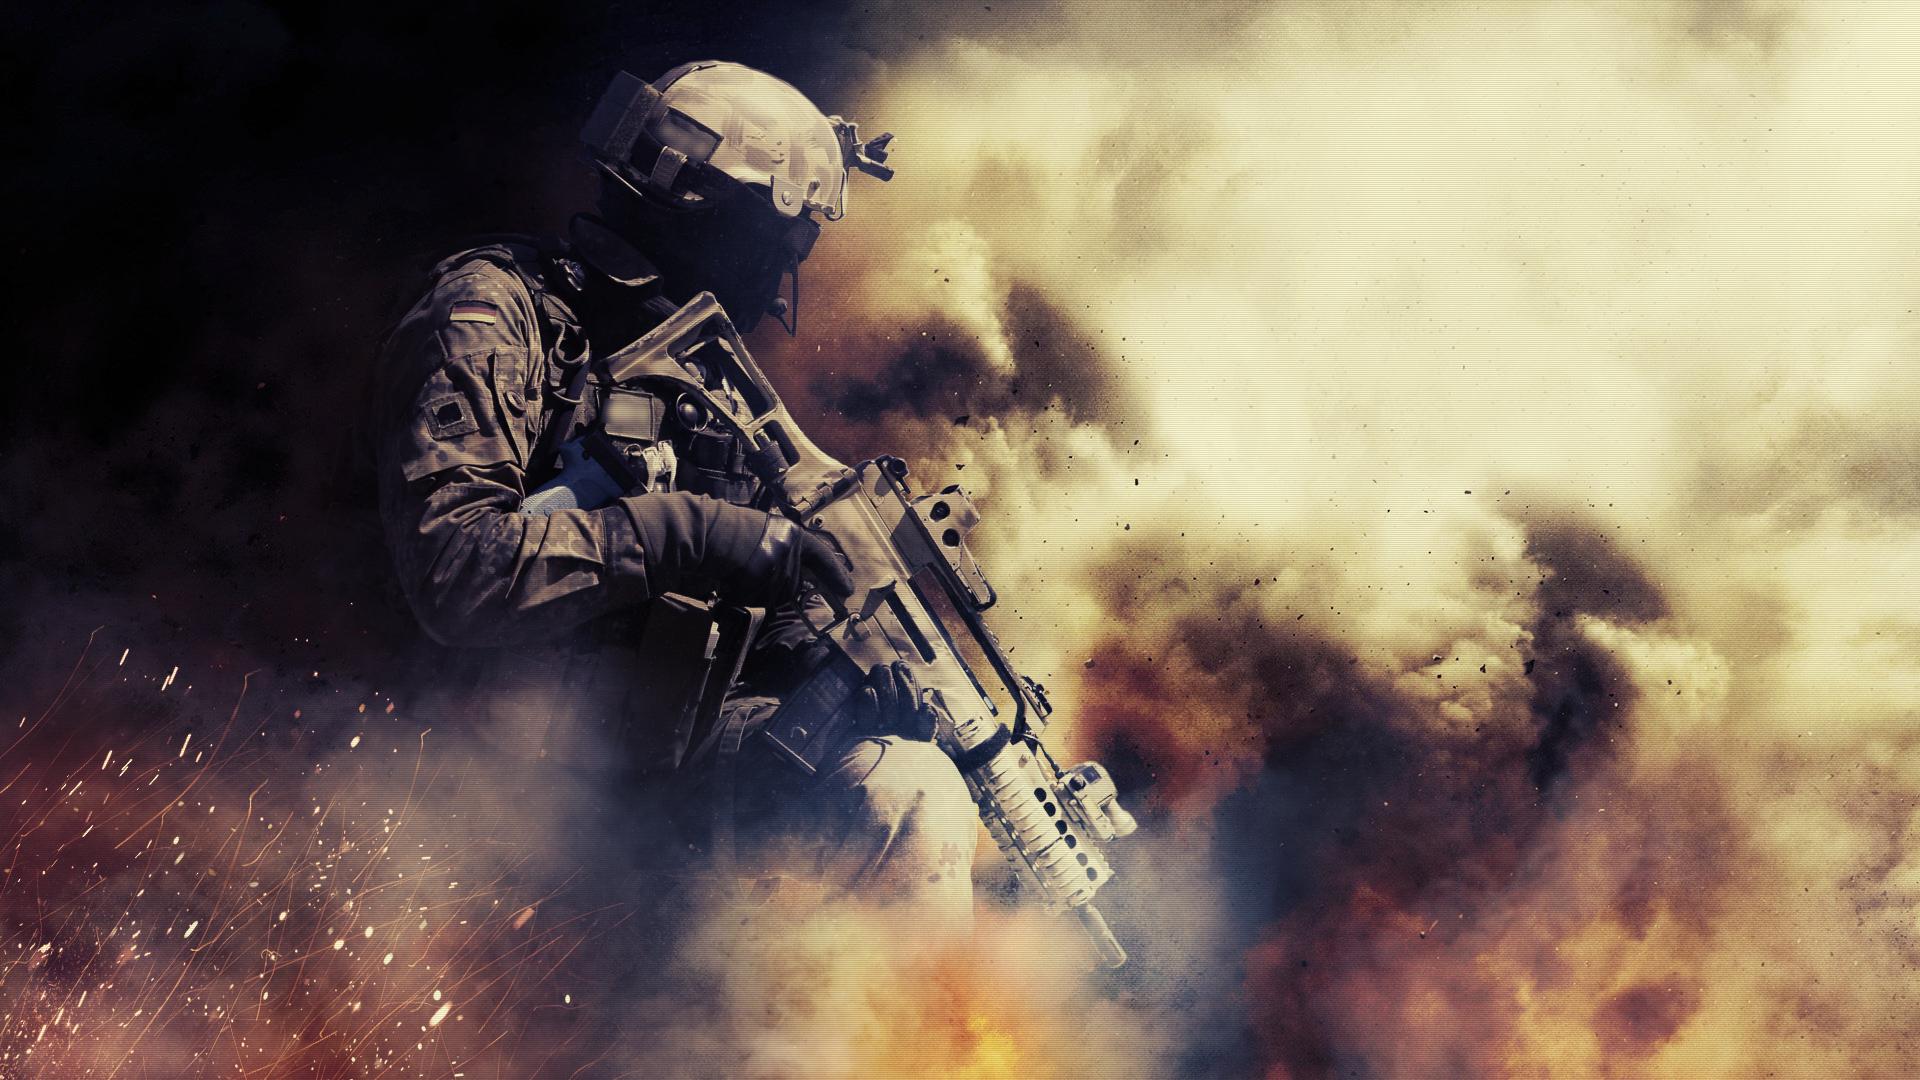 крутые военные картинки на рабочий стол необходимо сделать, что